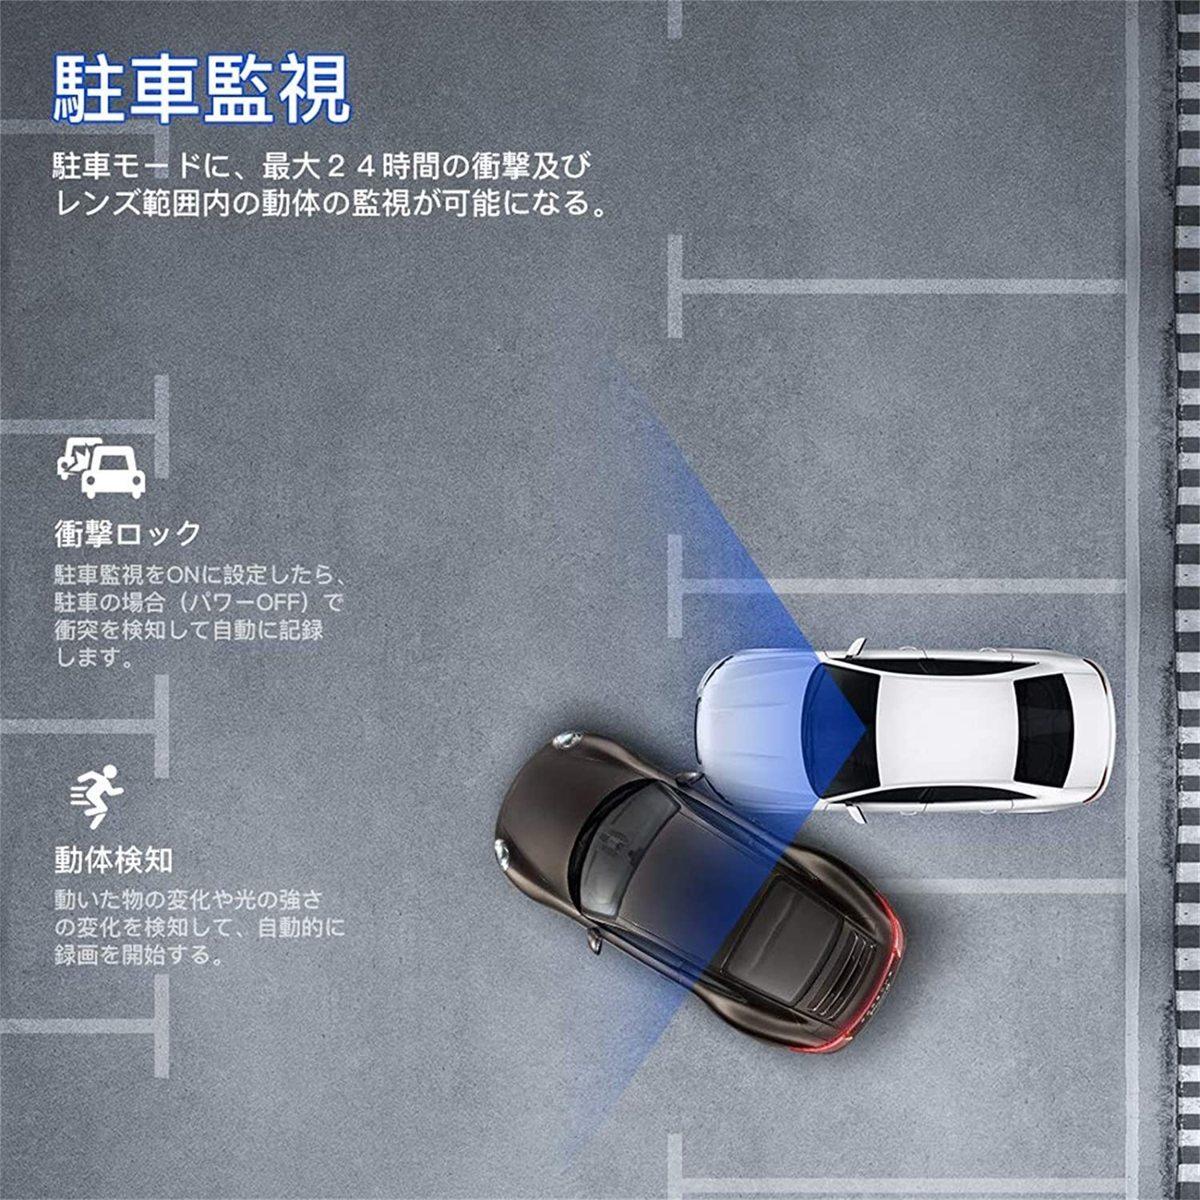 ■新品■ドライブレコーダー 高画質 170度広角 フルHD 駐車監視 Gセンサー ループ録画 上書き機能 高速起動 緊急録画 取り付け簡単!_画像6